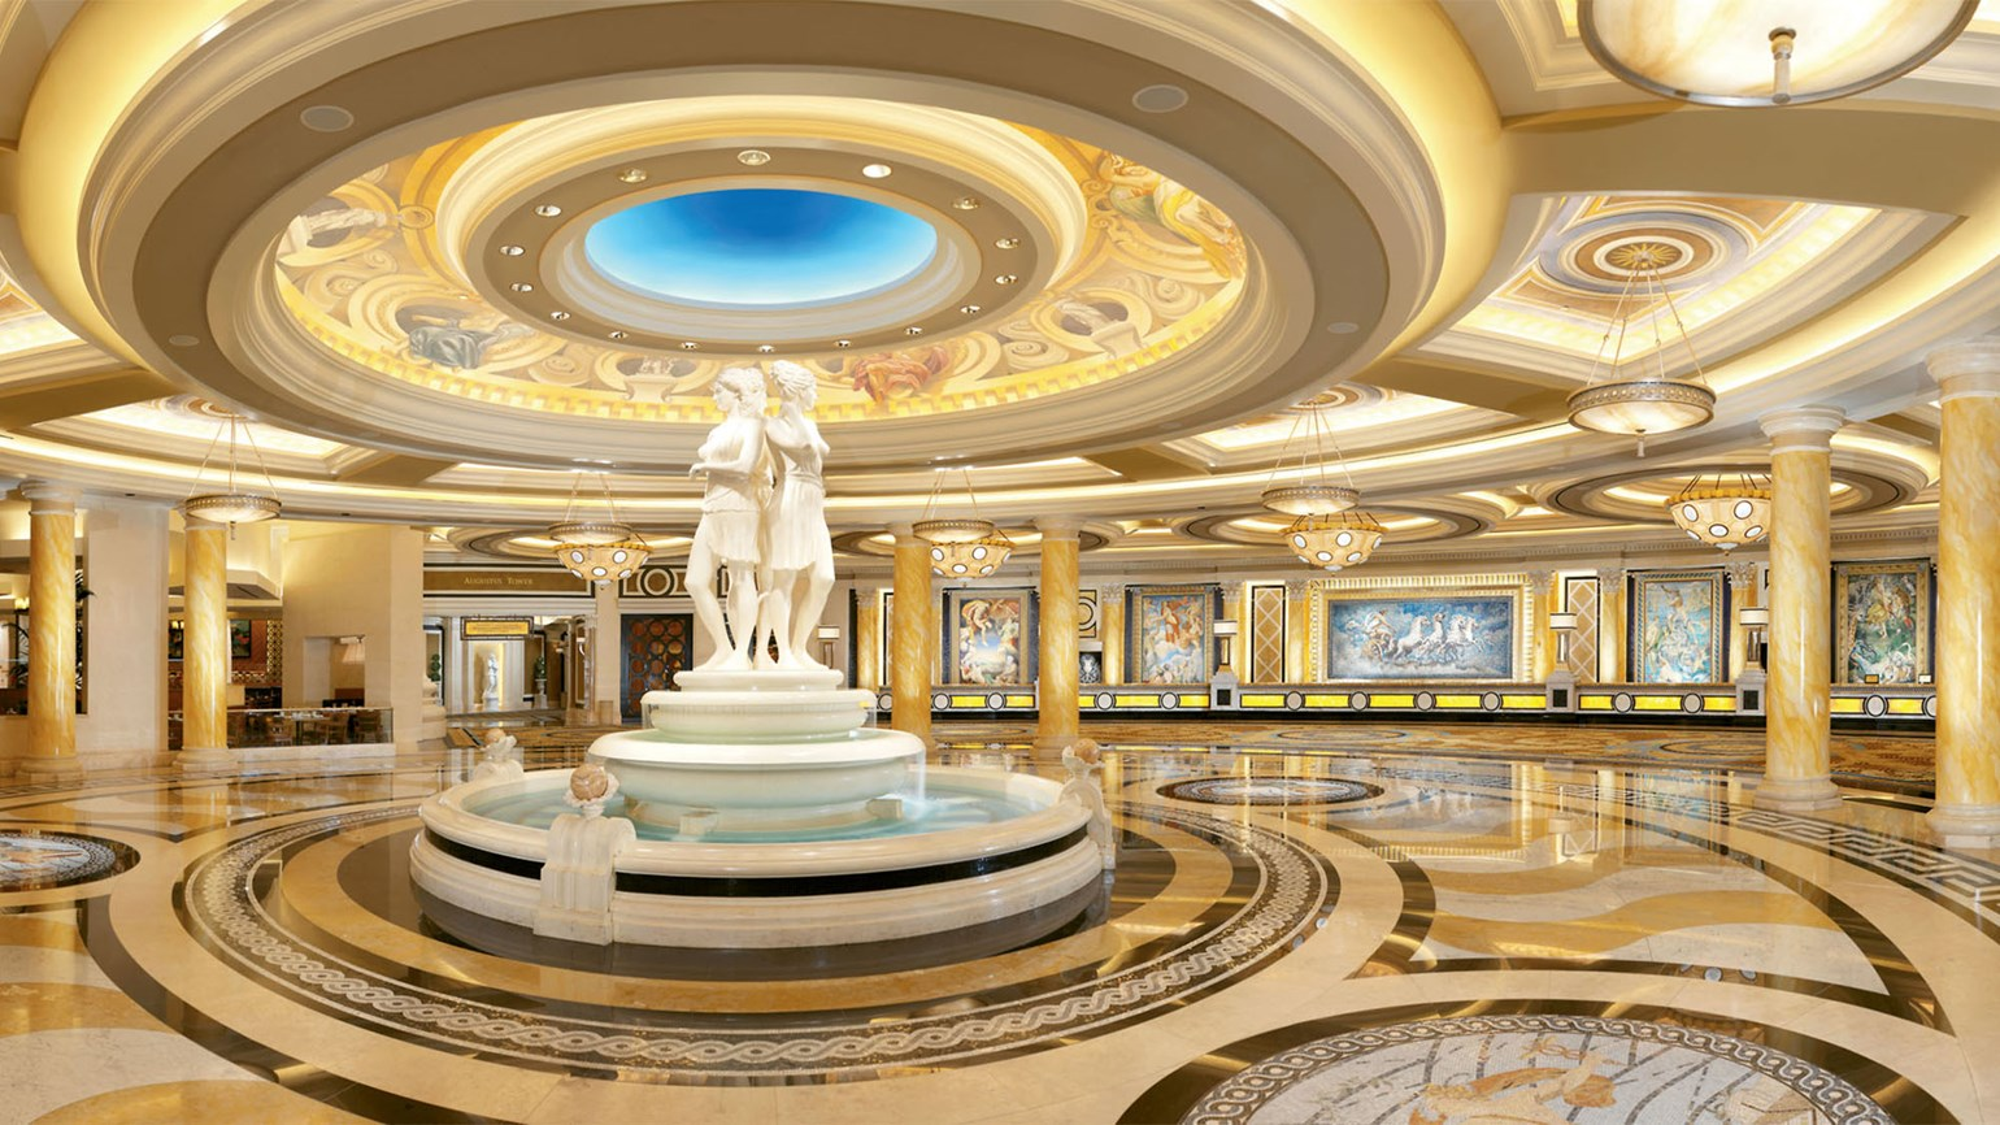 The Lobby At Caesars Palace Las Vegas